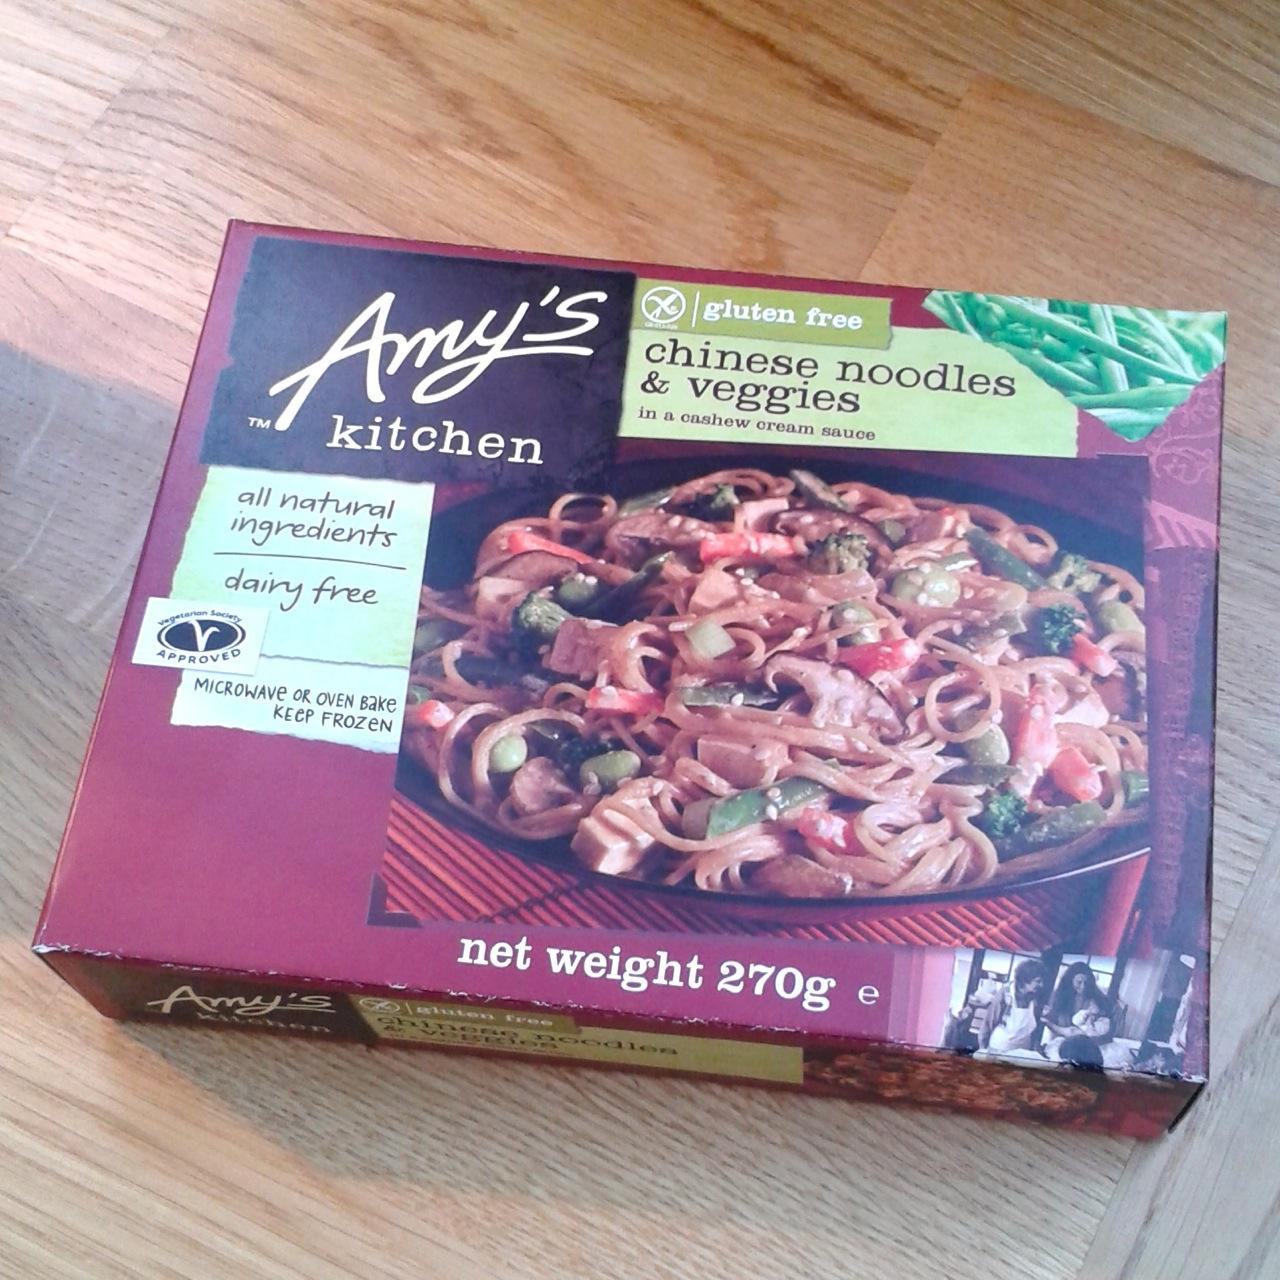 https://i1.wp.com/fatgayvegan.com/wp-content/uploads/2014/07/amys-noodles.jpg?fit=1280%2C1280